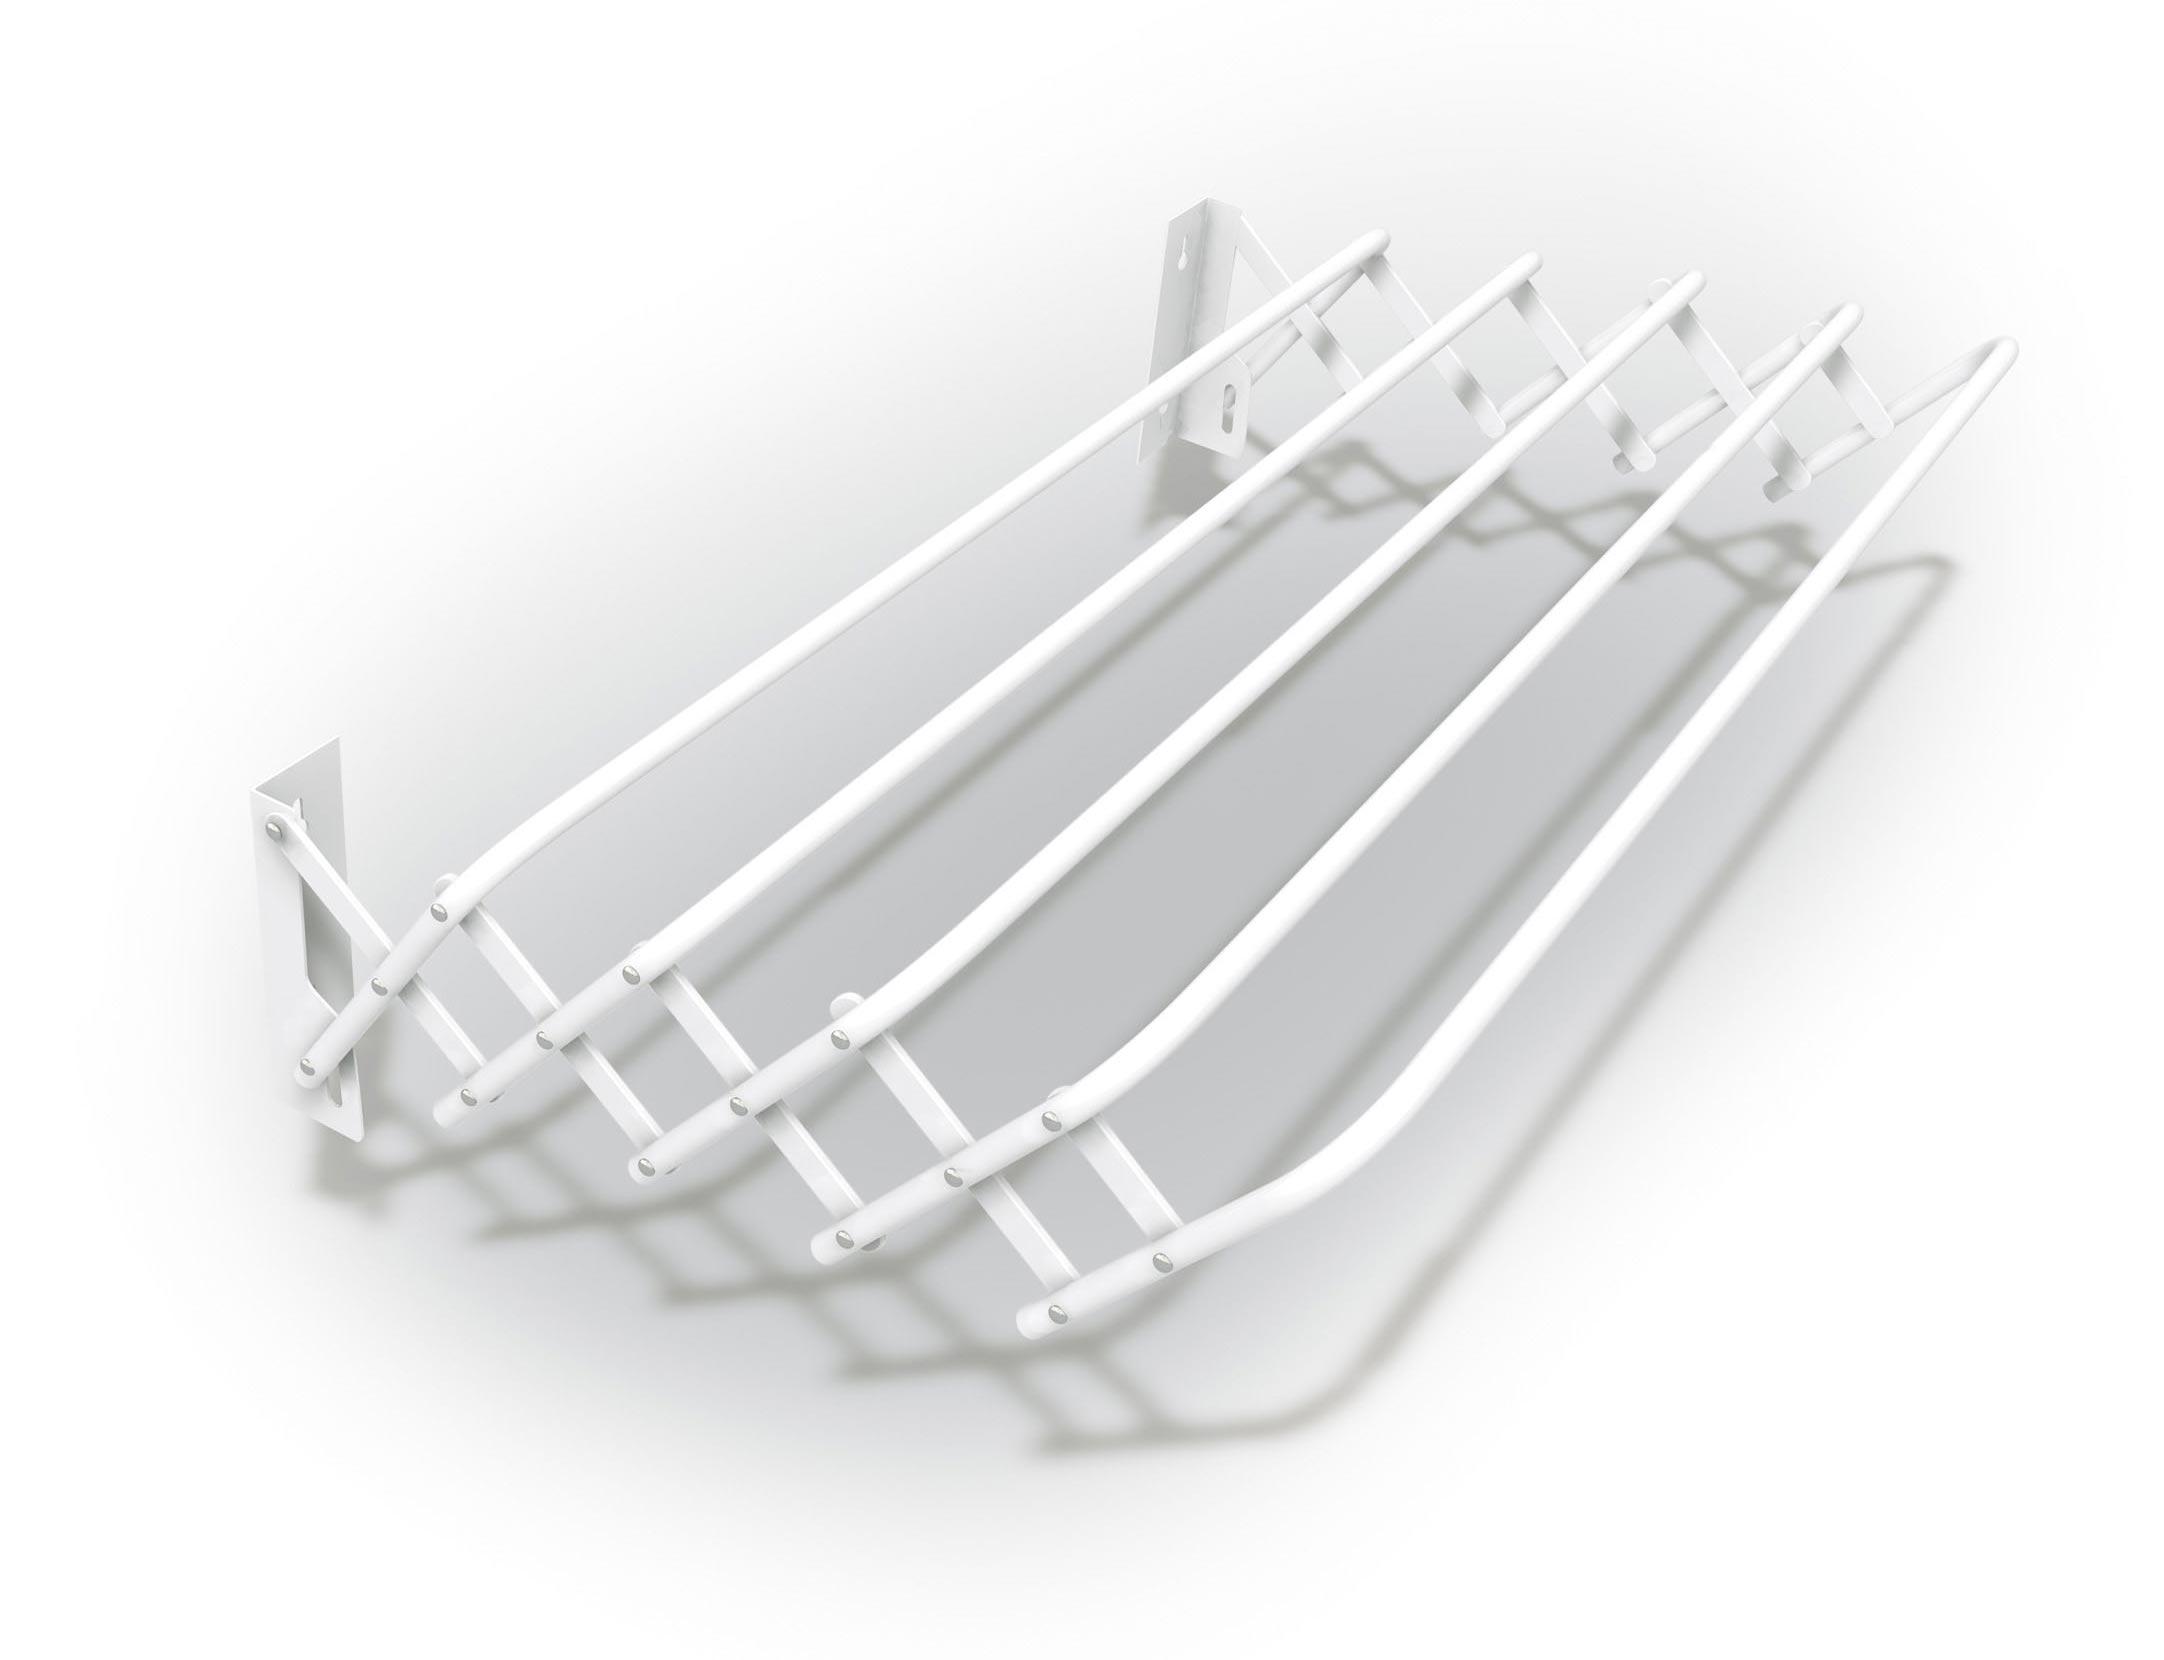 Сушилка-гармошка раздвижная для белья gimi (80 см) : продажа.